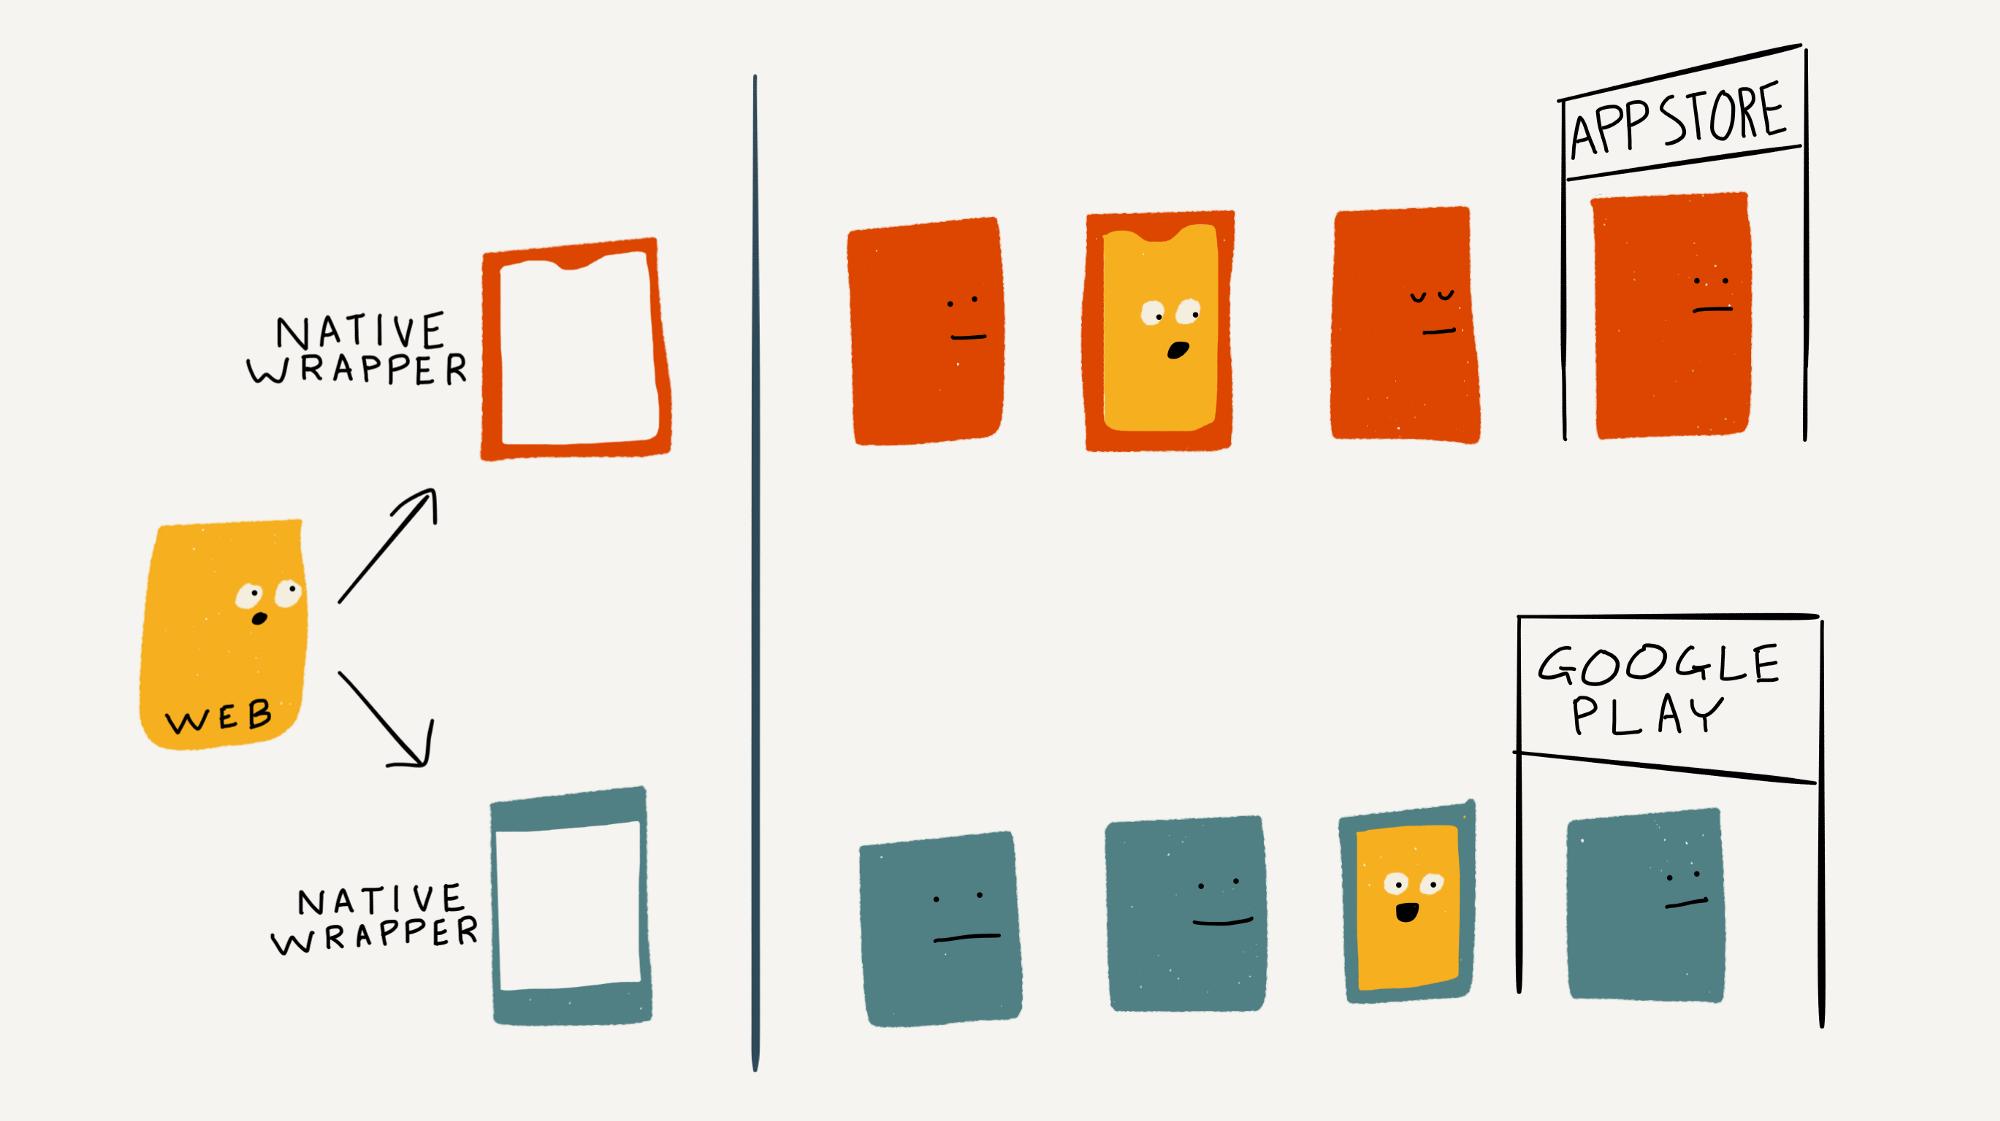 Giải thích về cách tạo ứng dụng lai - Hybrid Apps